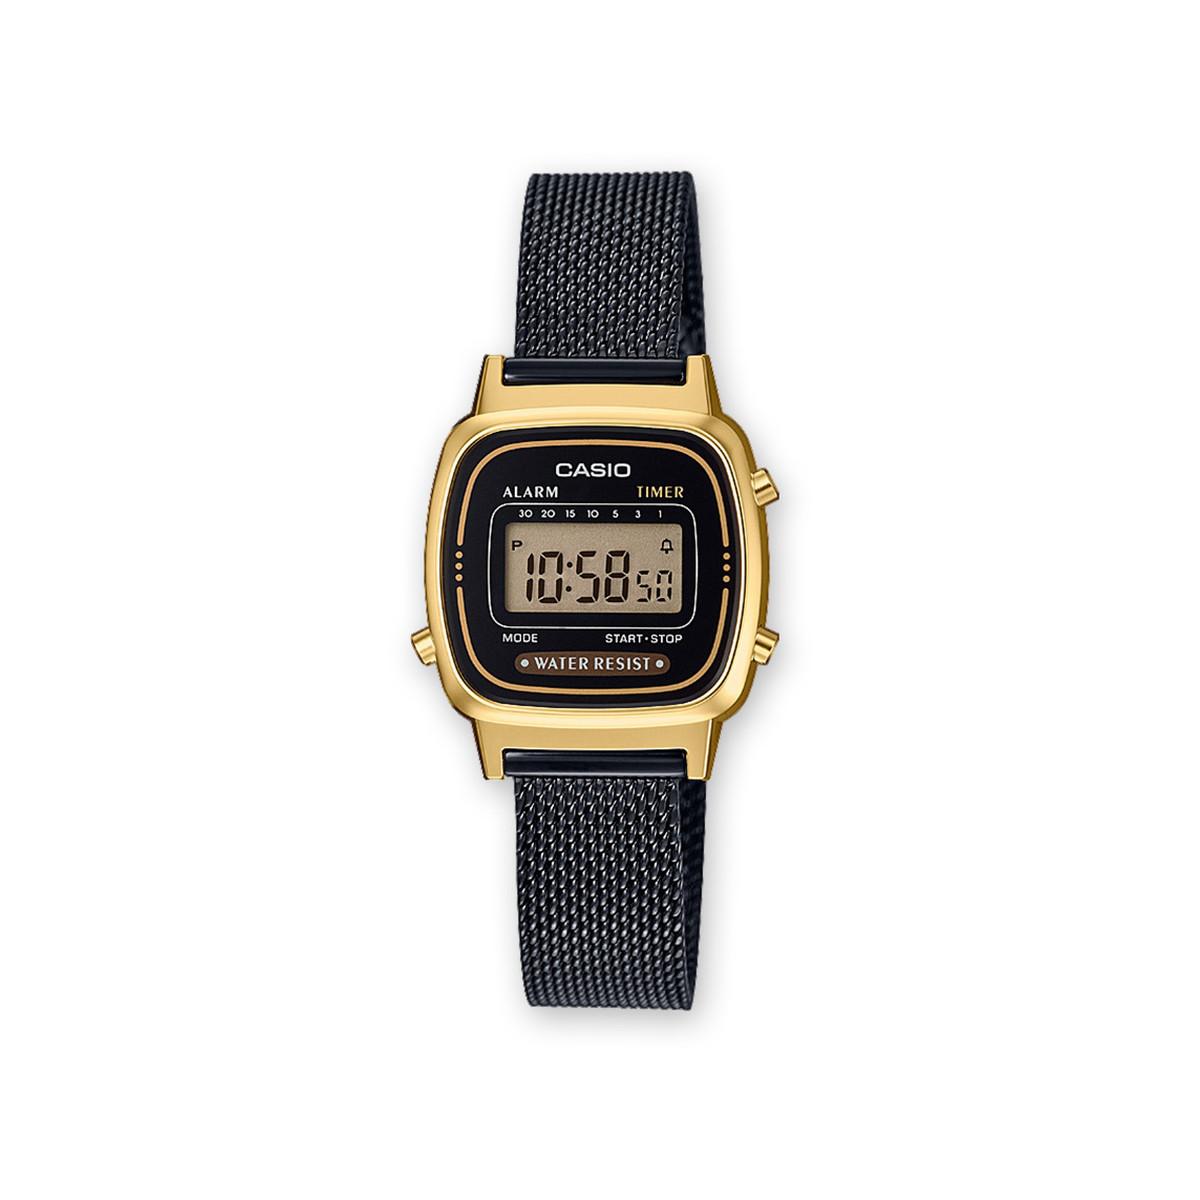 Montre Casio femme digitale acier noir - Femme - modèle LA670WEMB ... d612c3138ed9